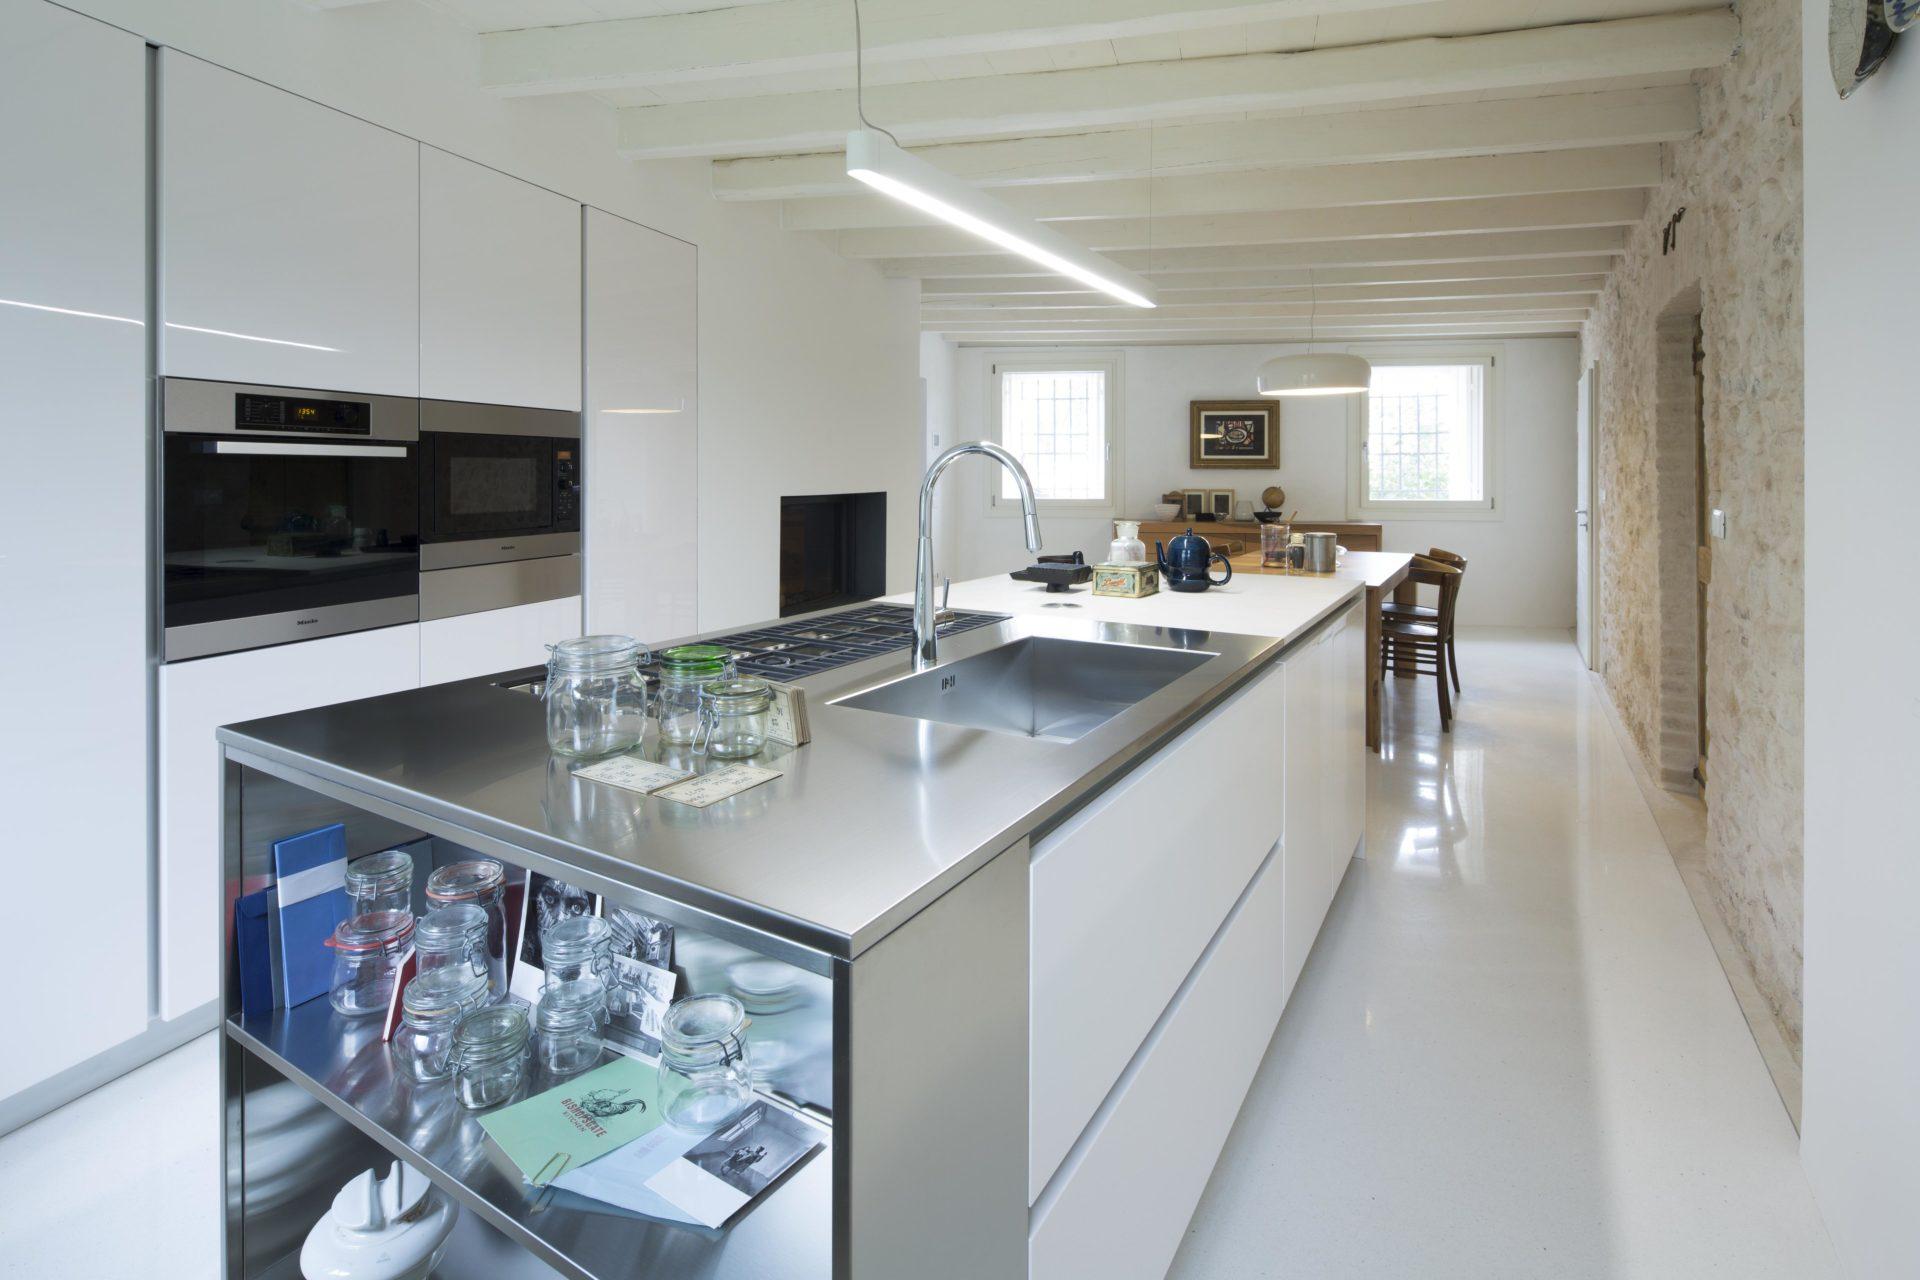 casa betta carlo costa architetto thiene (3)